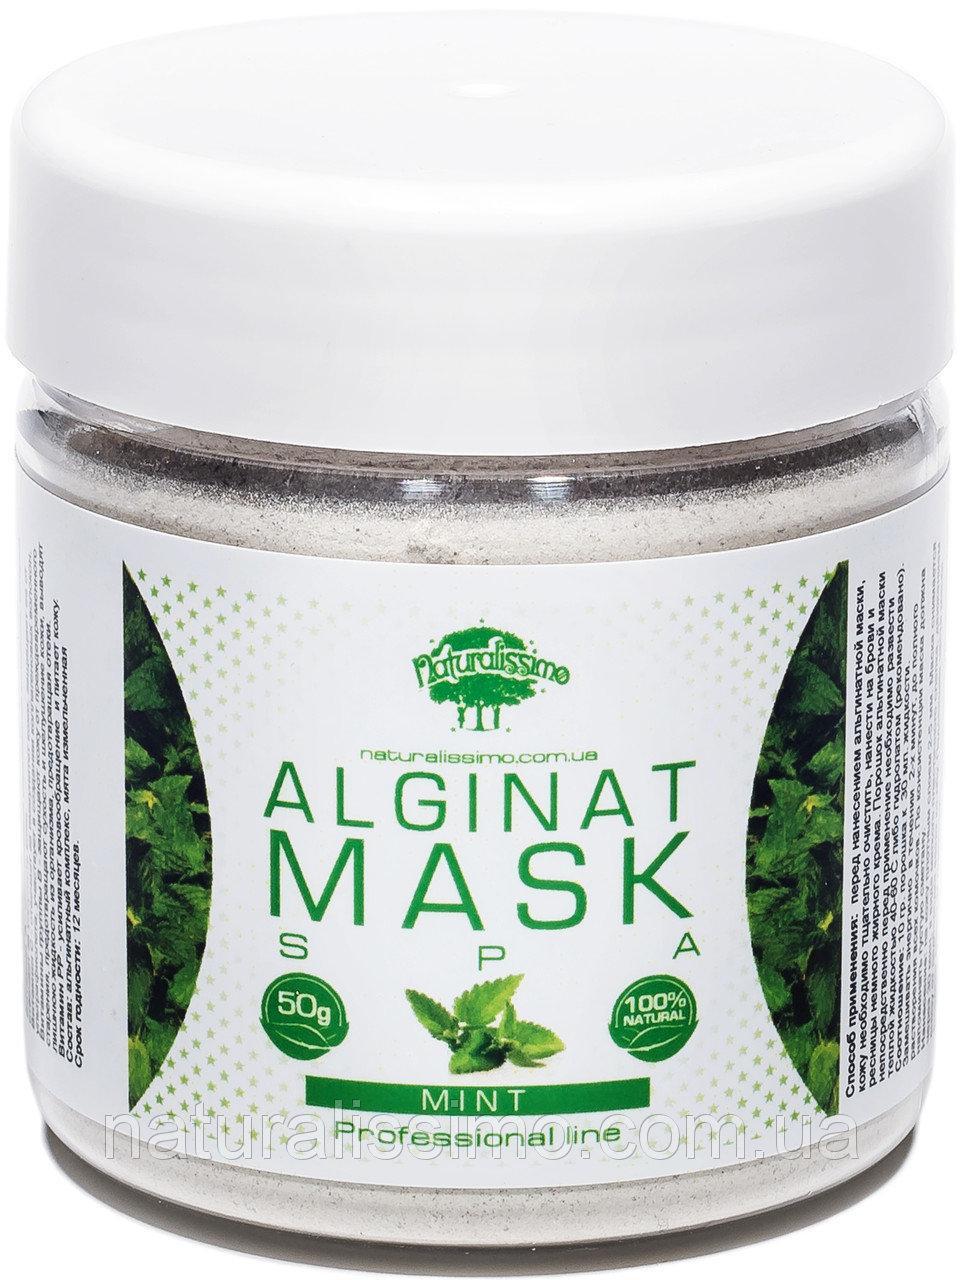 Альгинатная маска с Мятой, 50 г, эффект увлажнения